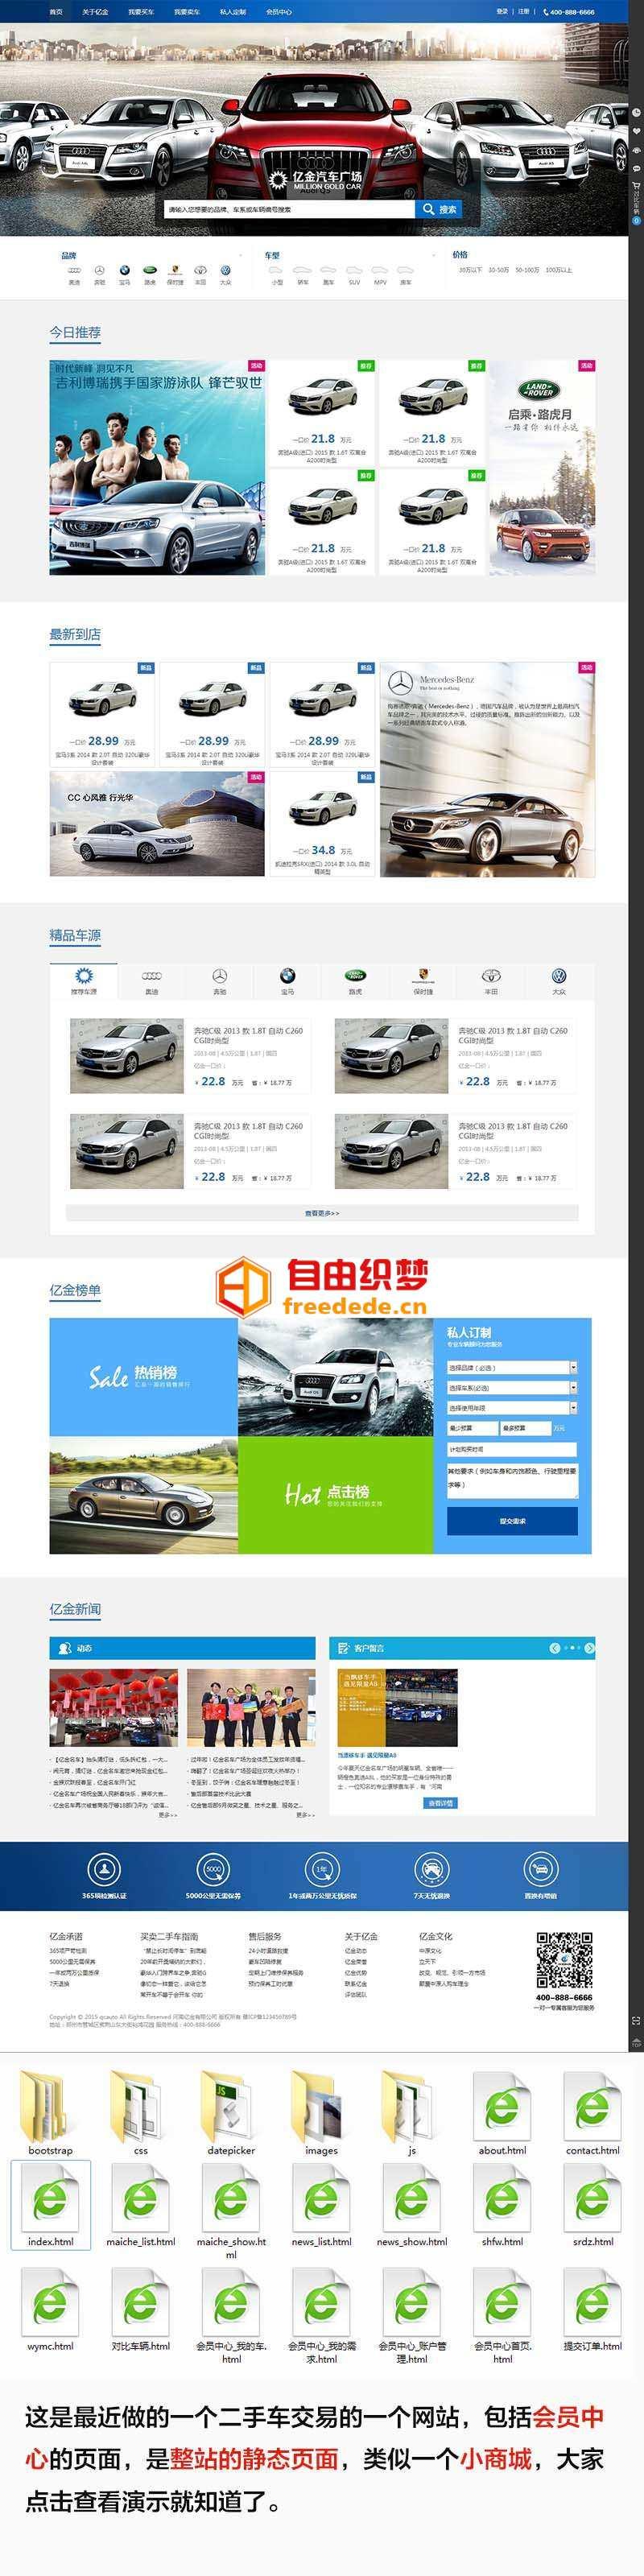 爱上源码网文章蓝色的二手汽车交易网站模板html整站的内容插图